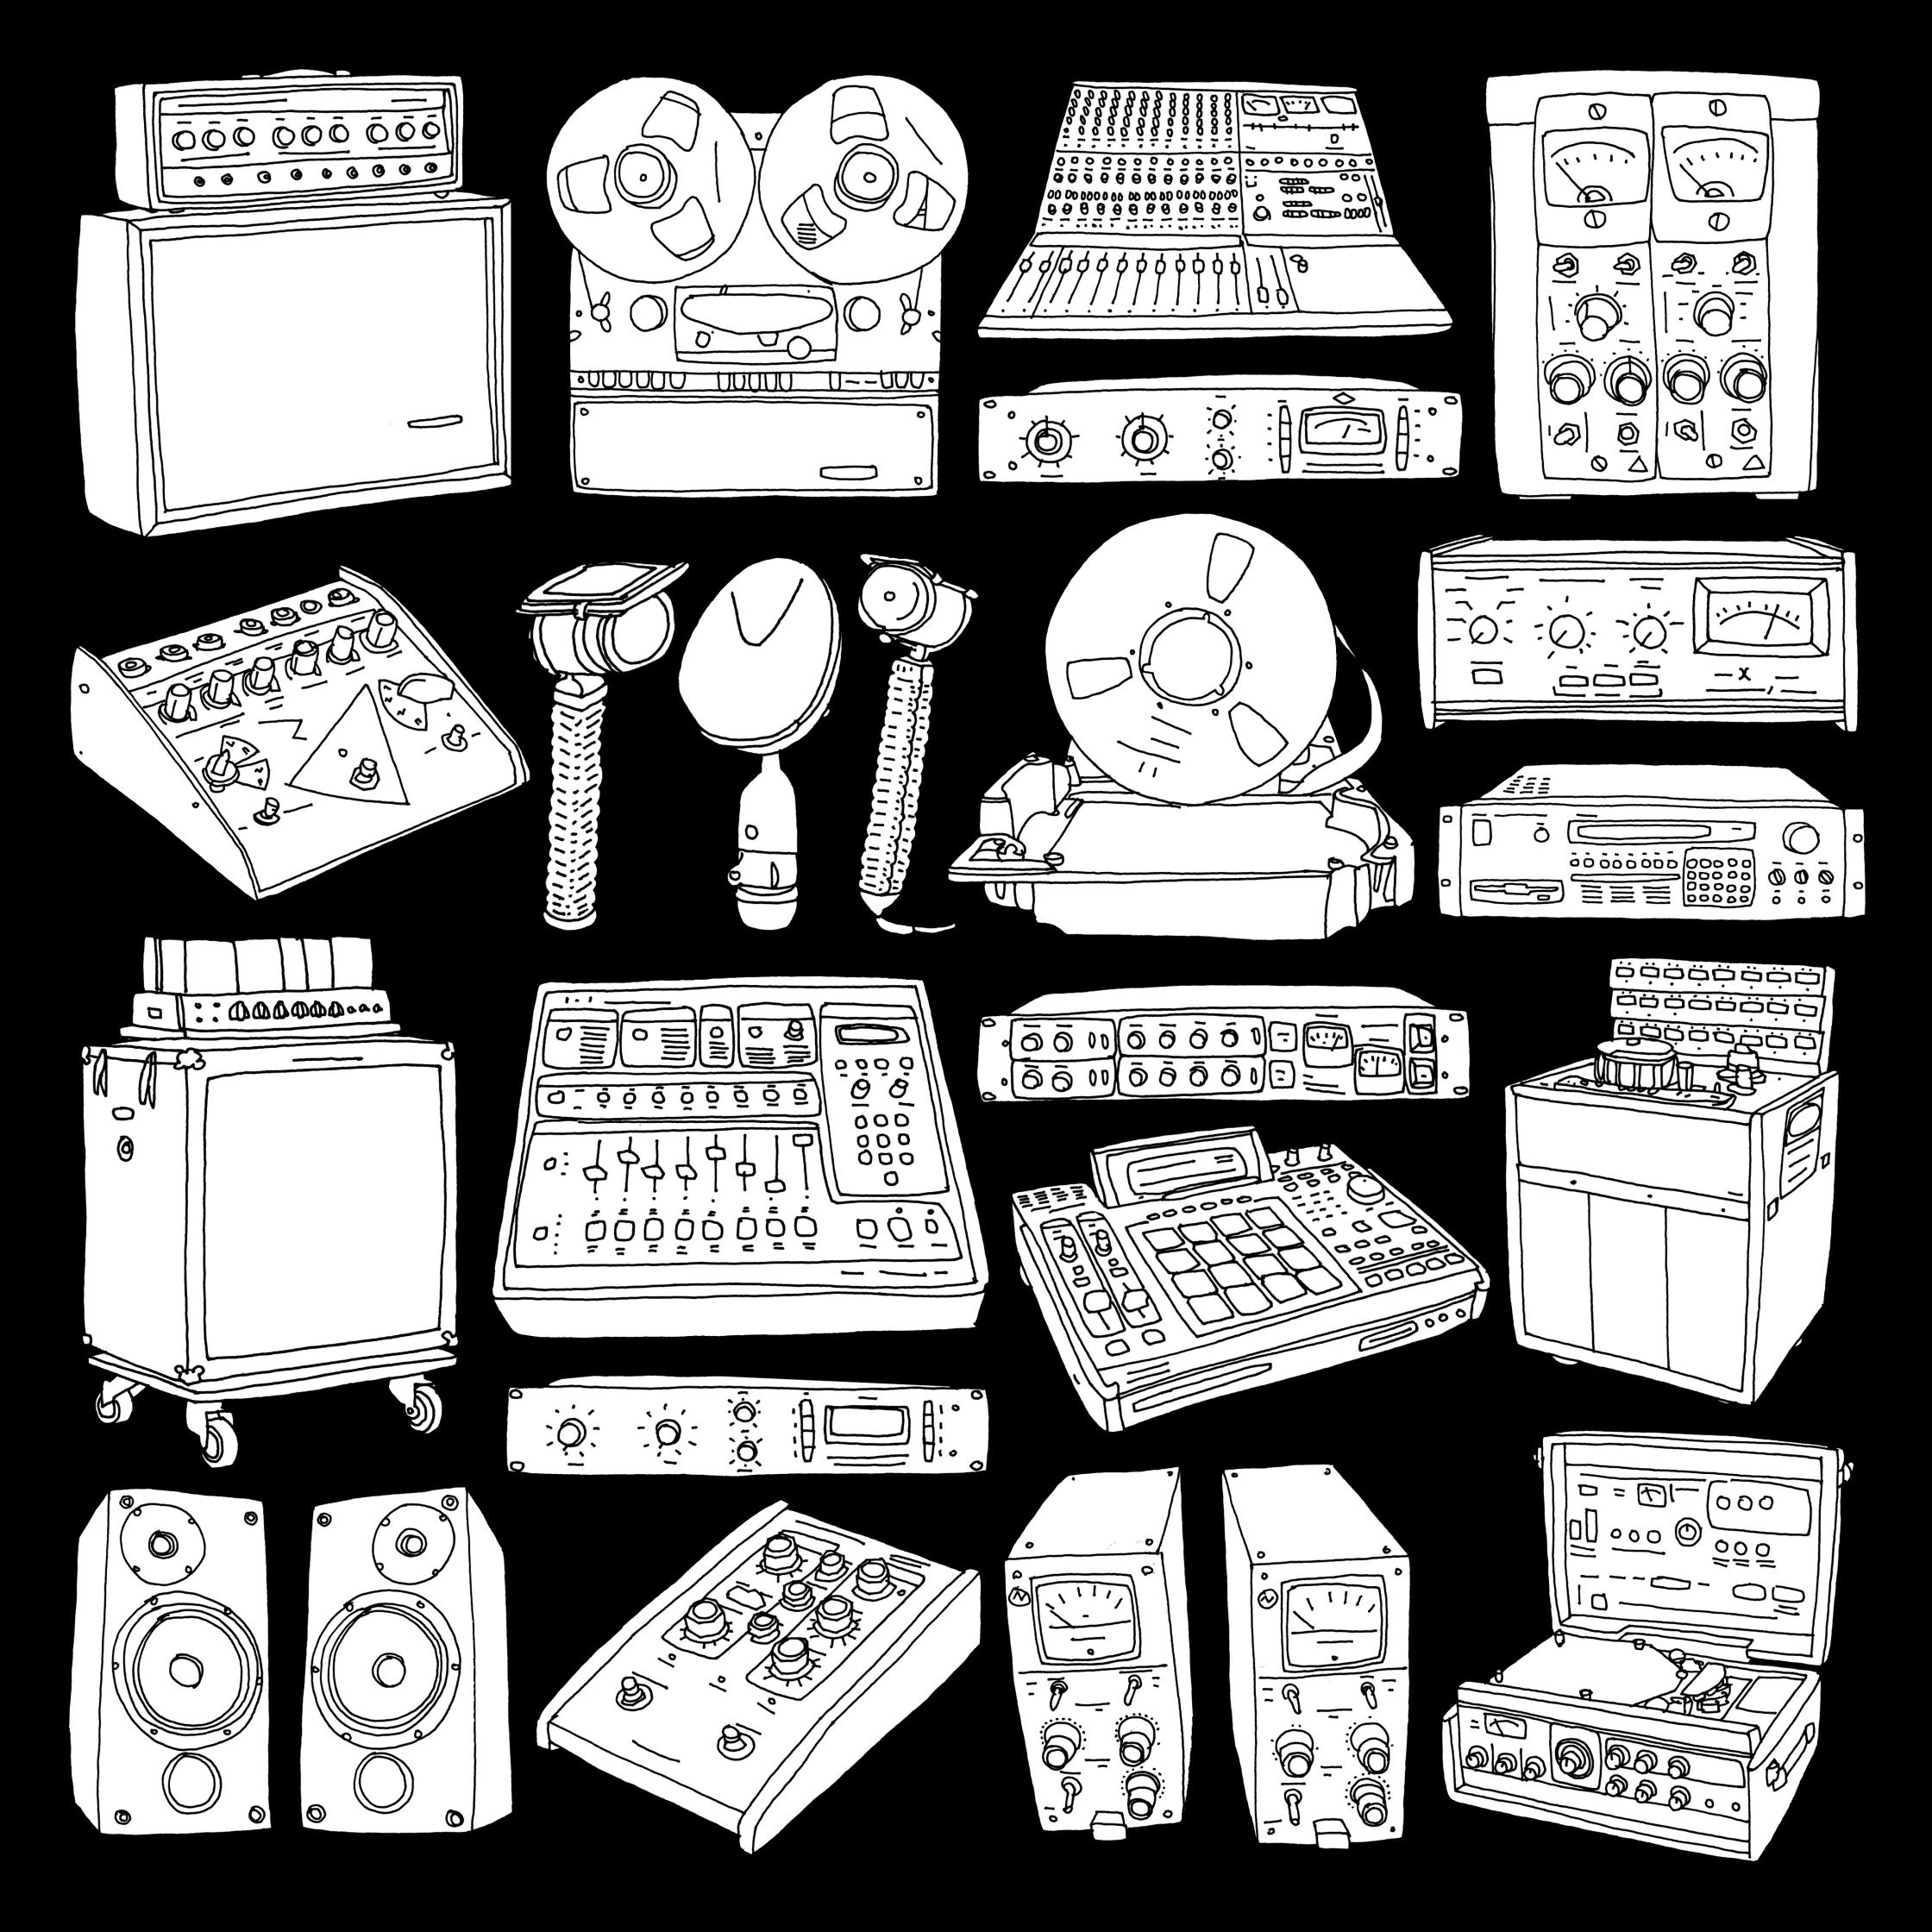 KidAcne_ScottyHard_Equipment.jpg